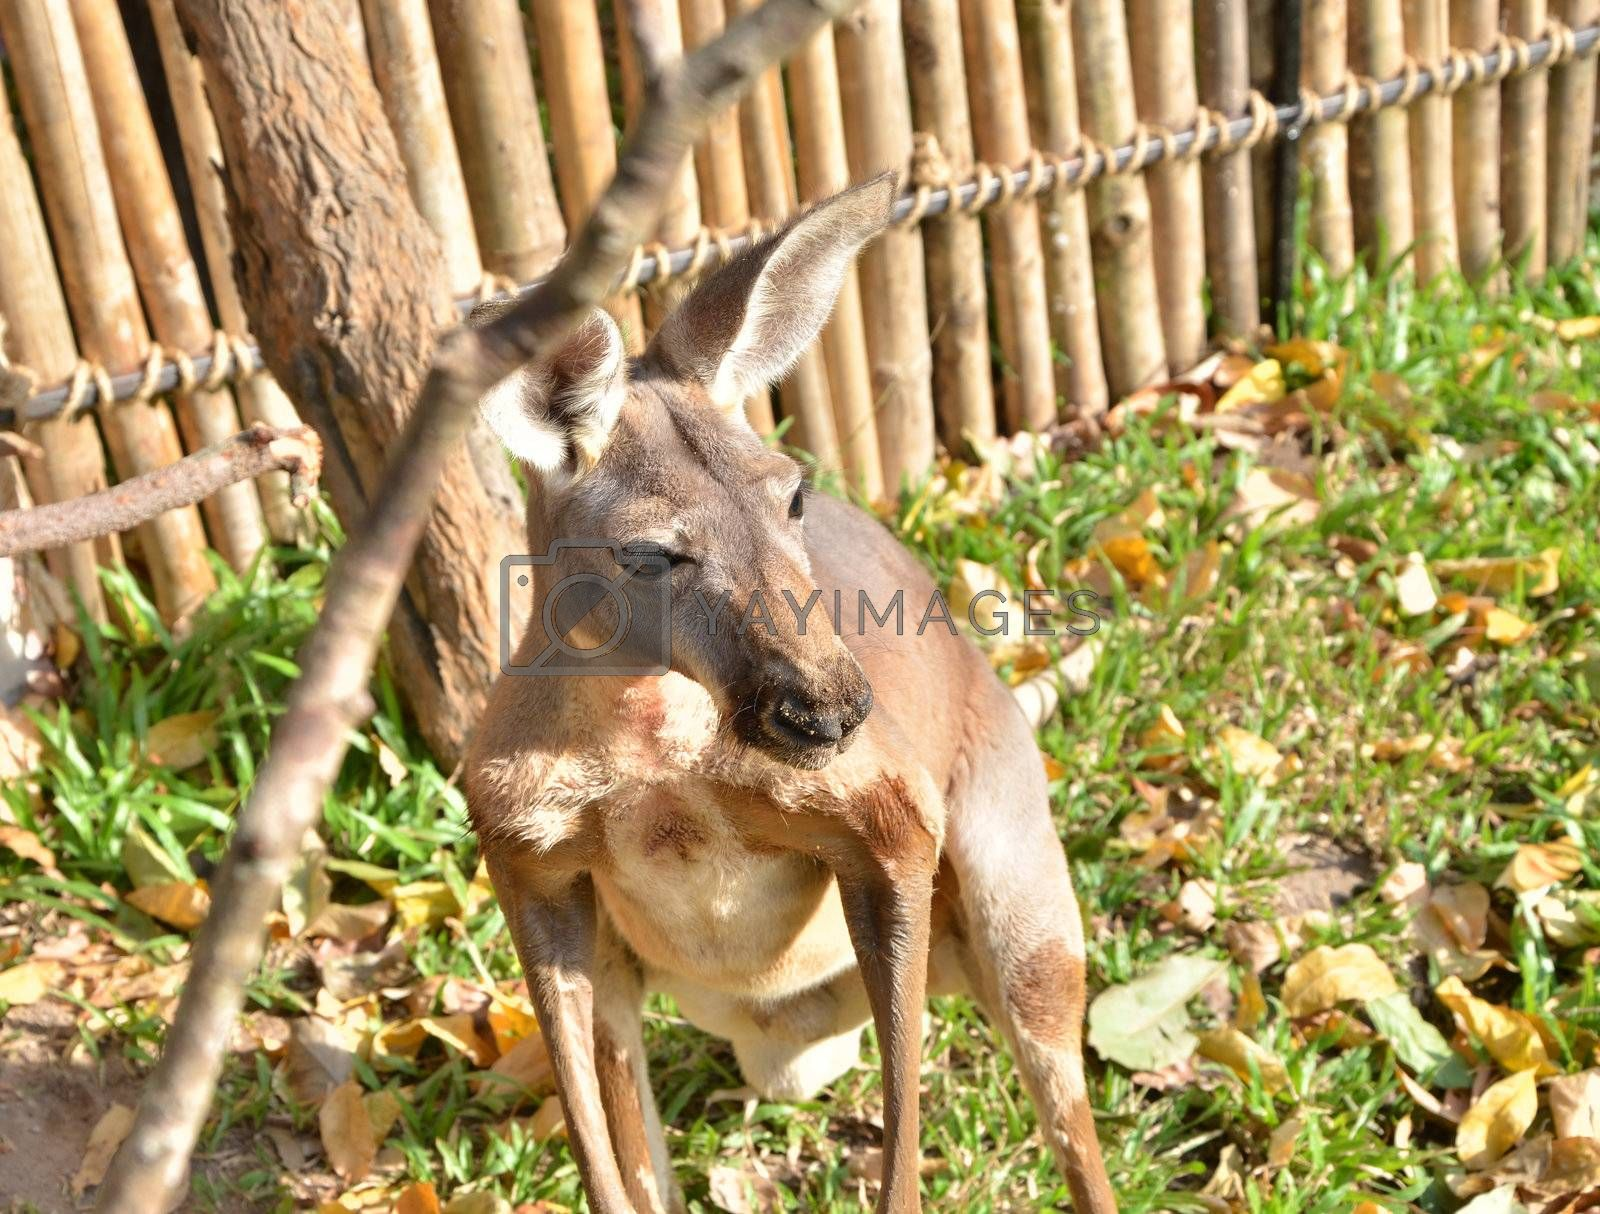 Close up of alert grey kangaroo